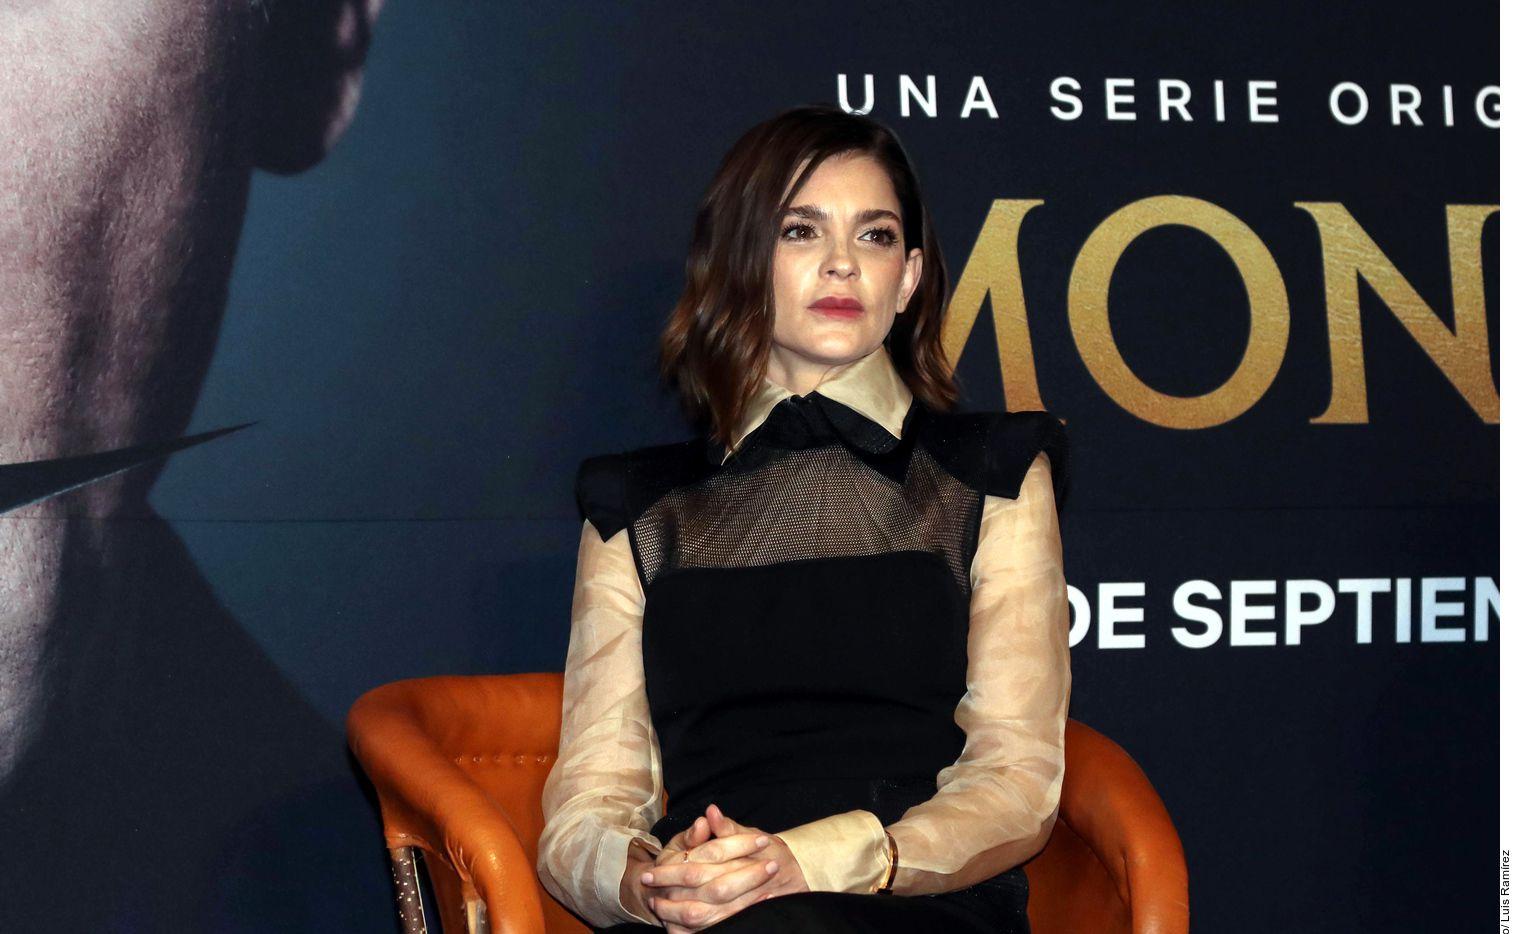 Rosa María Bianchi, como la matriarca de la familia, e Irene Azuela (foto) como Ana María, la hija del fundador recién fallecido de una de las tequileras más importante de México, destacan y brillan con su fuerza.